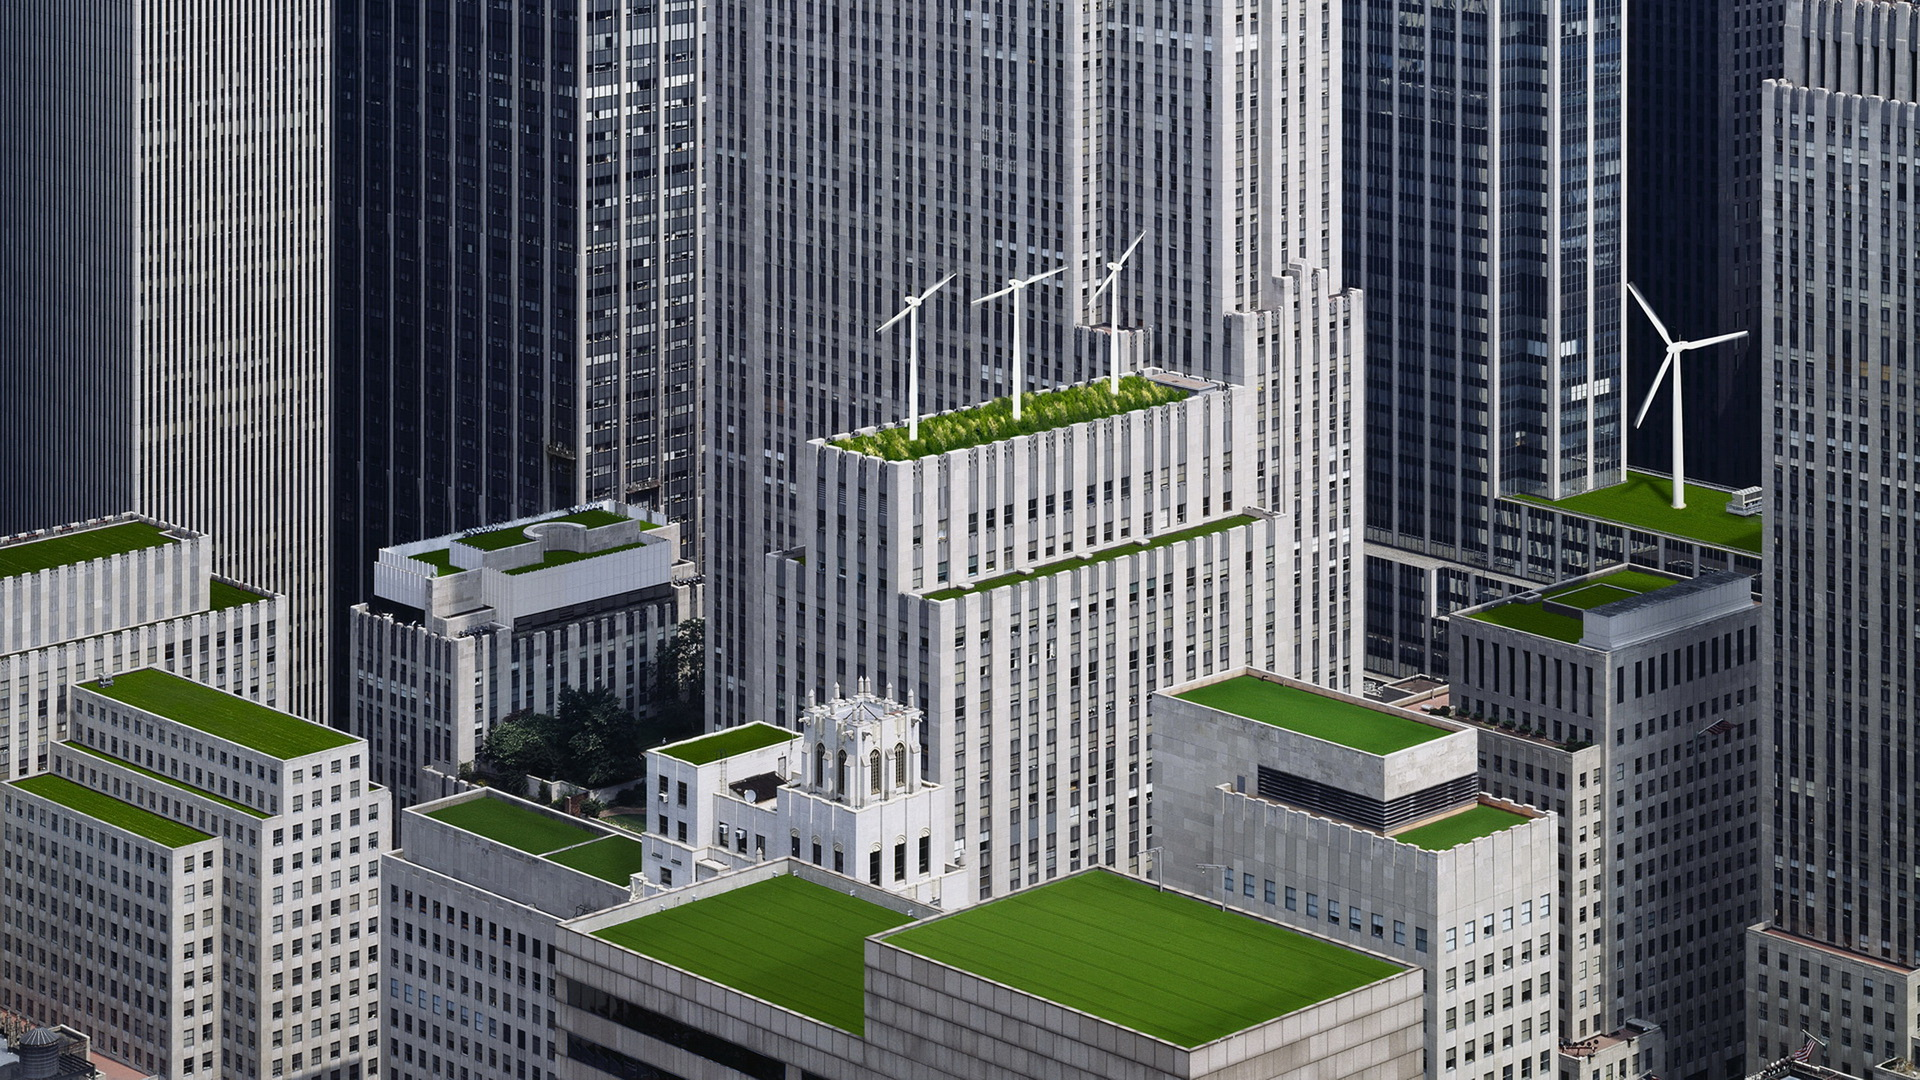 宽屏风景276-现代都市(1920x1080)壁纸 - 桌面壁纸